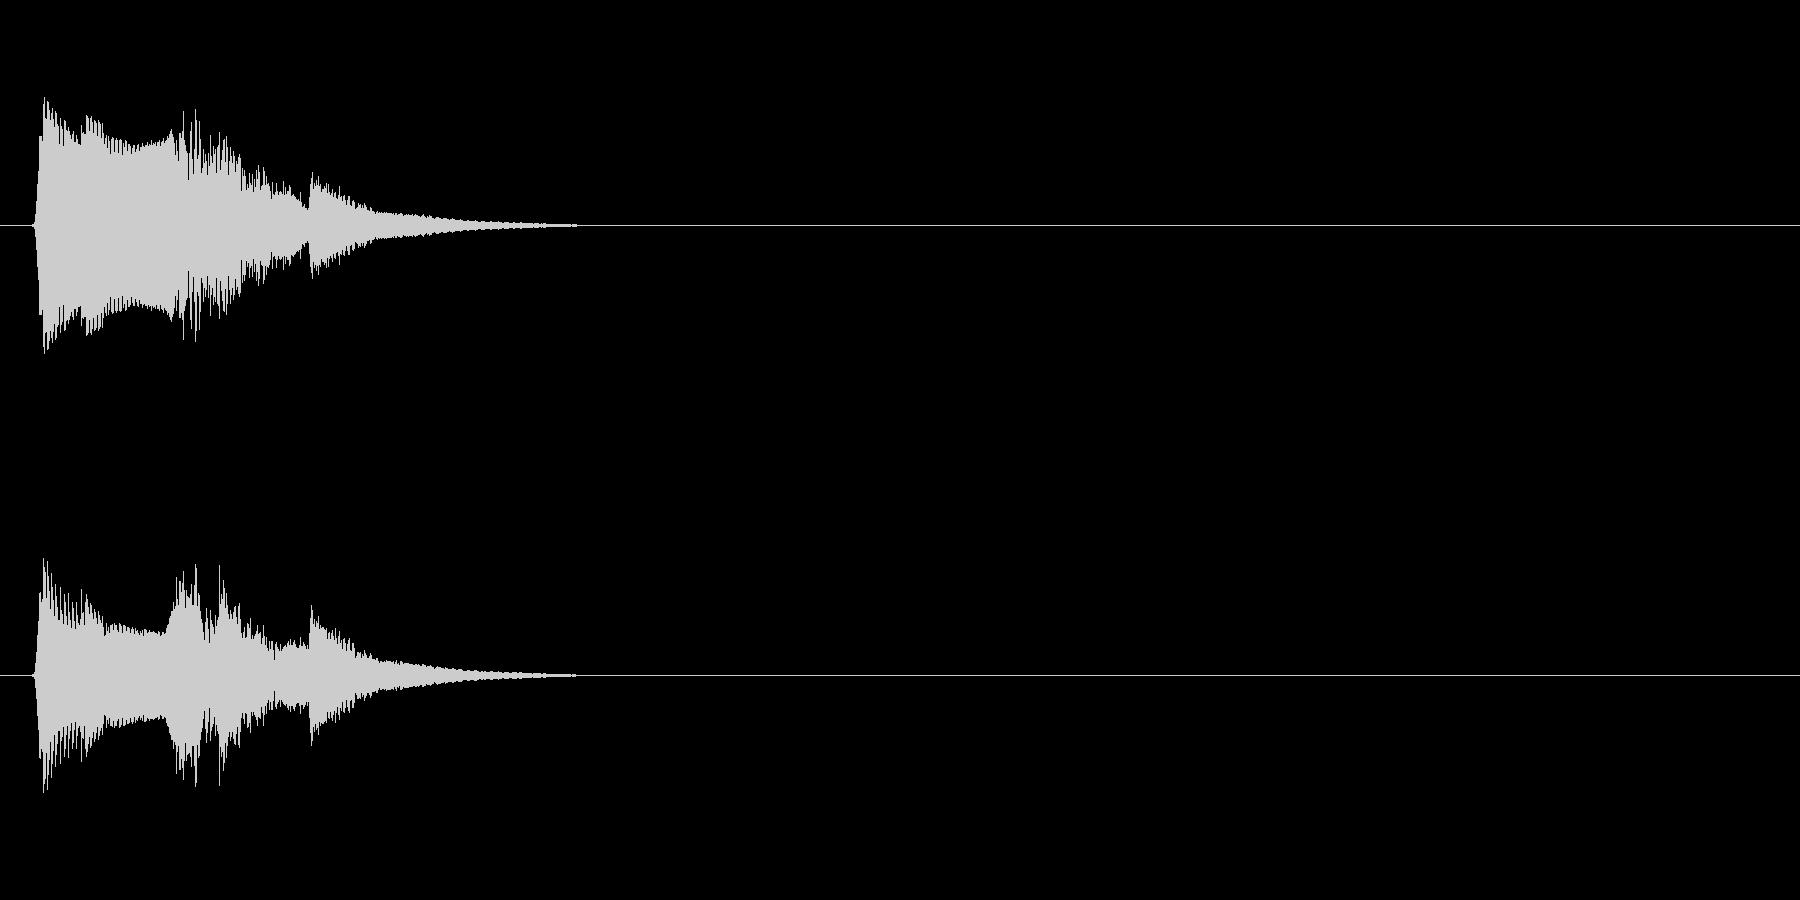 【ポップモーション01-1】の未再生の波形